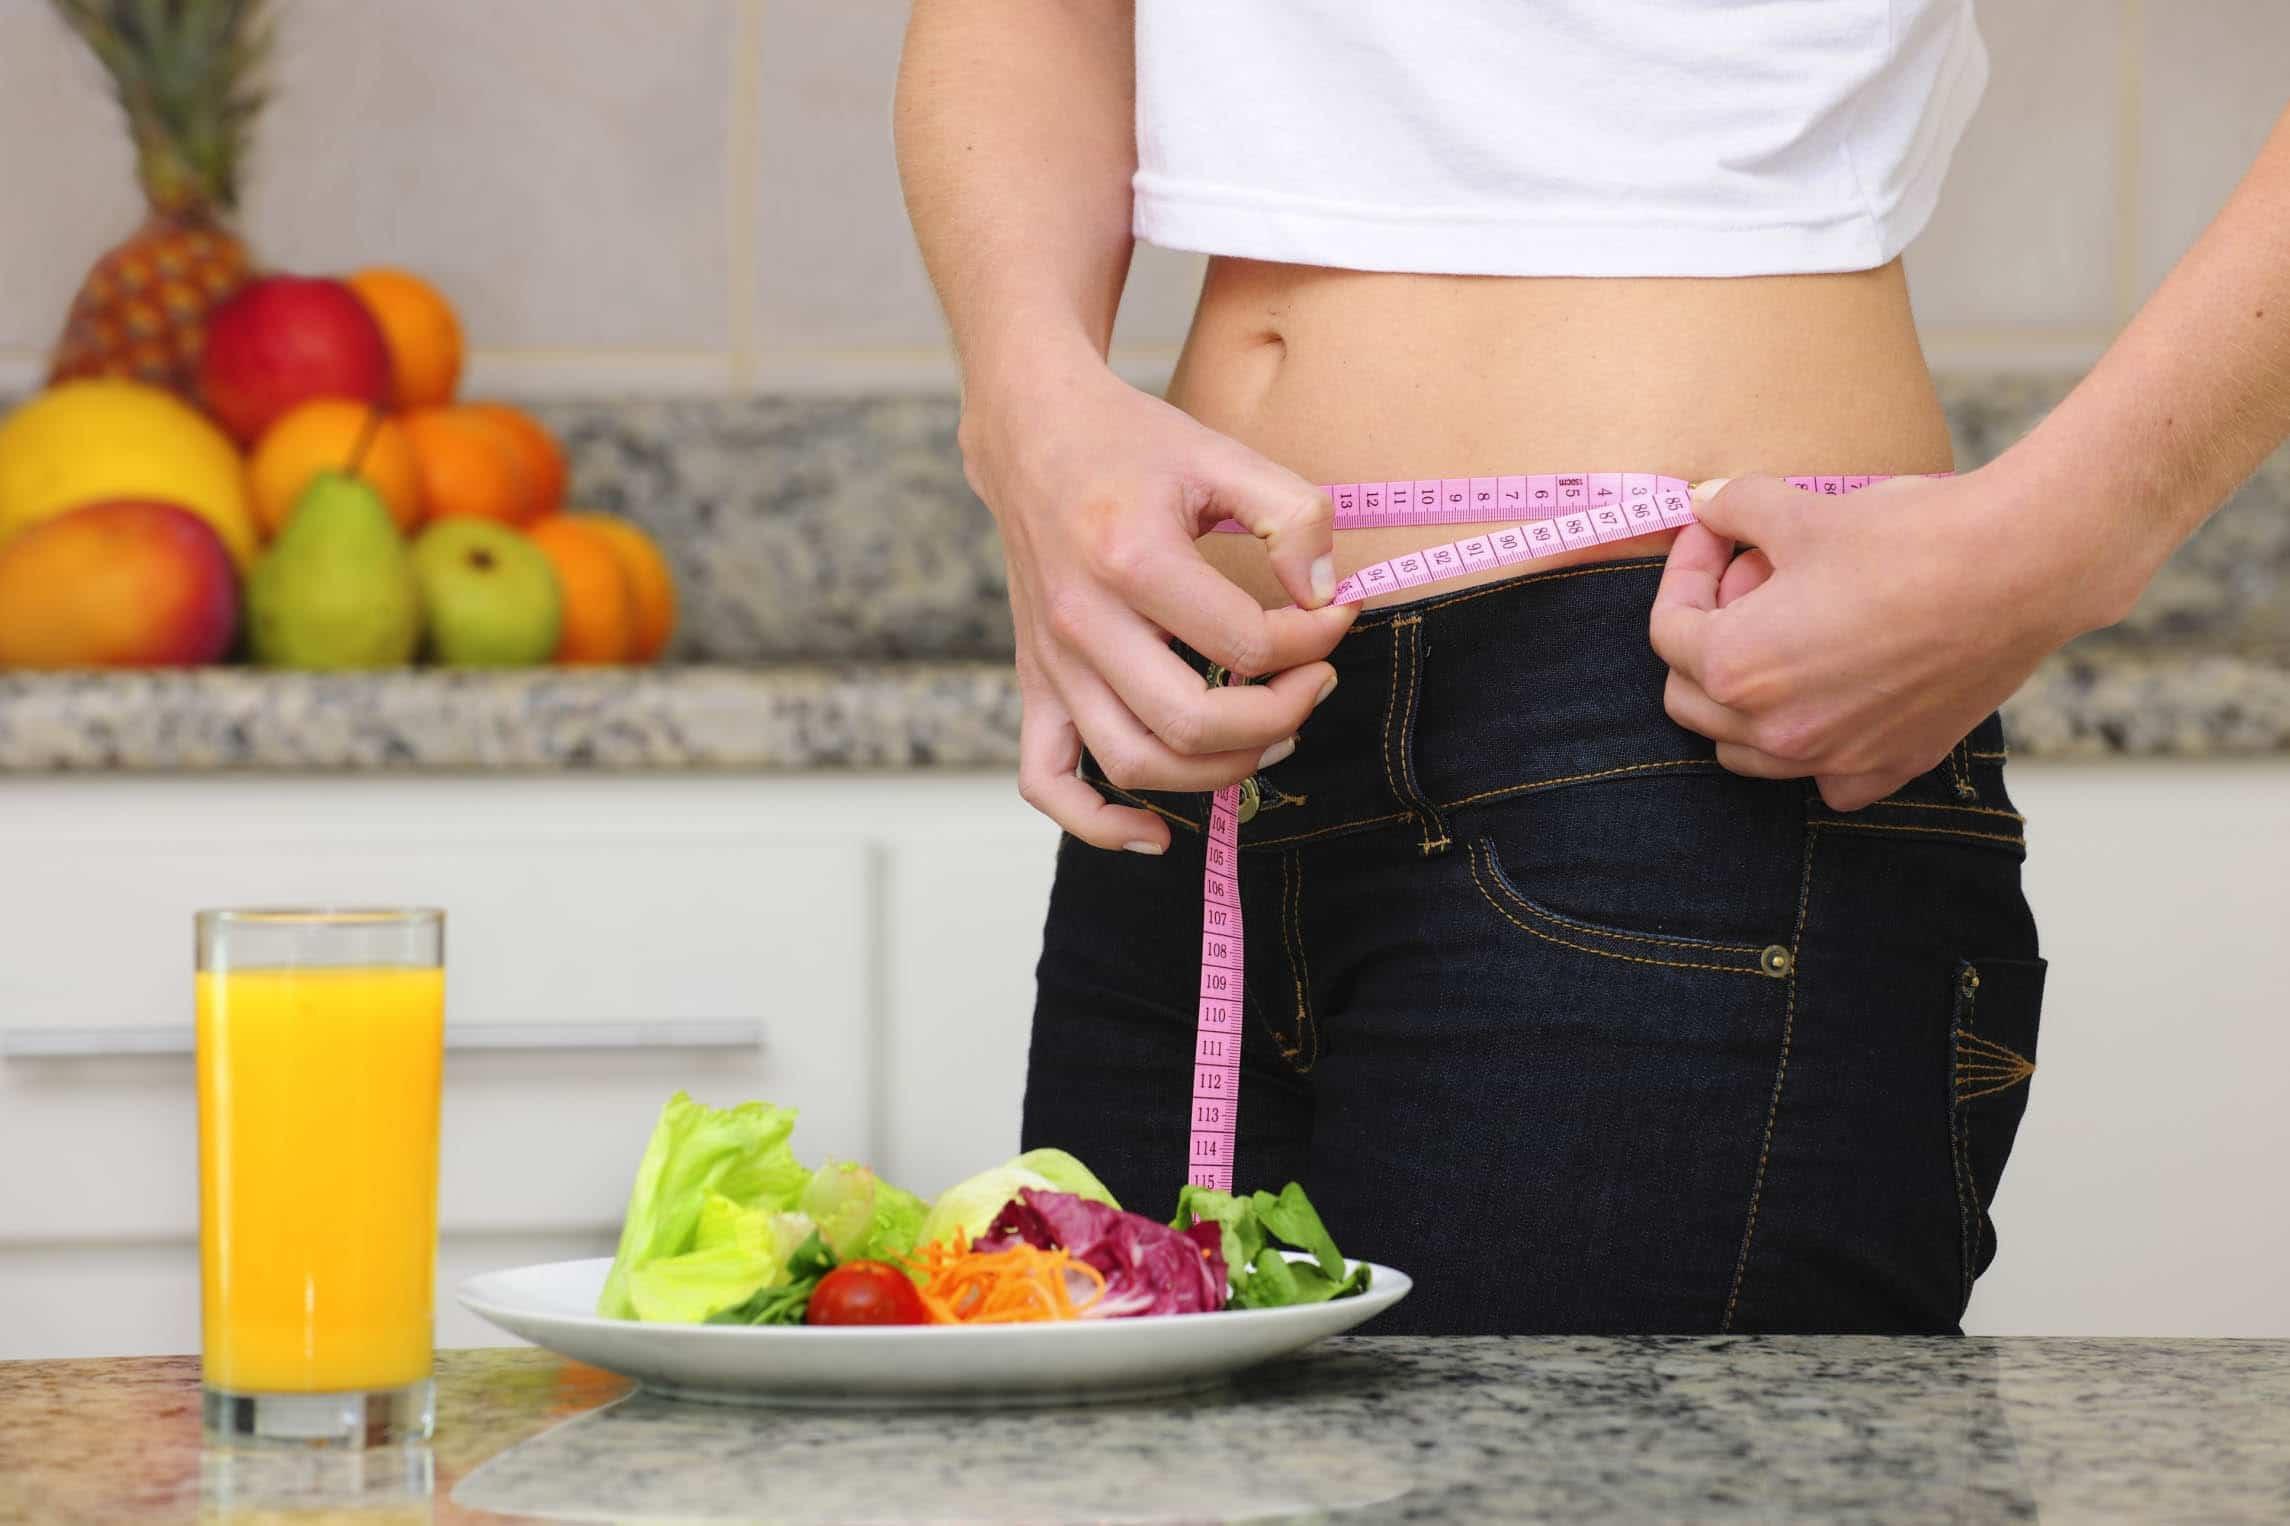 Эффективных методиках похудения